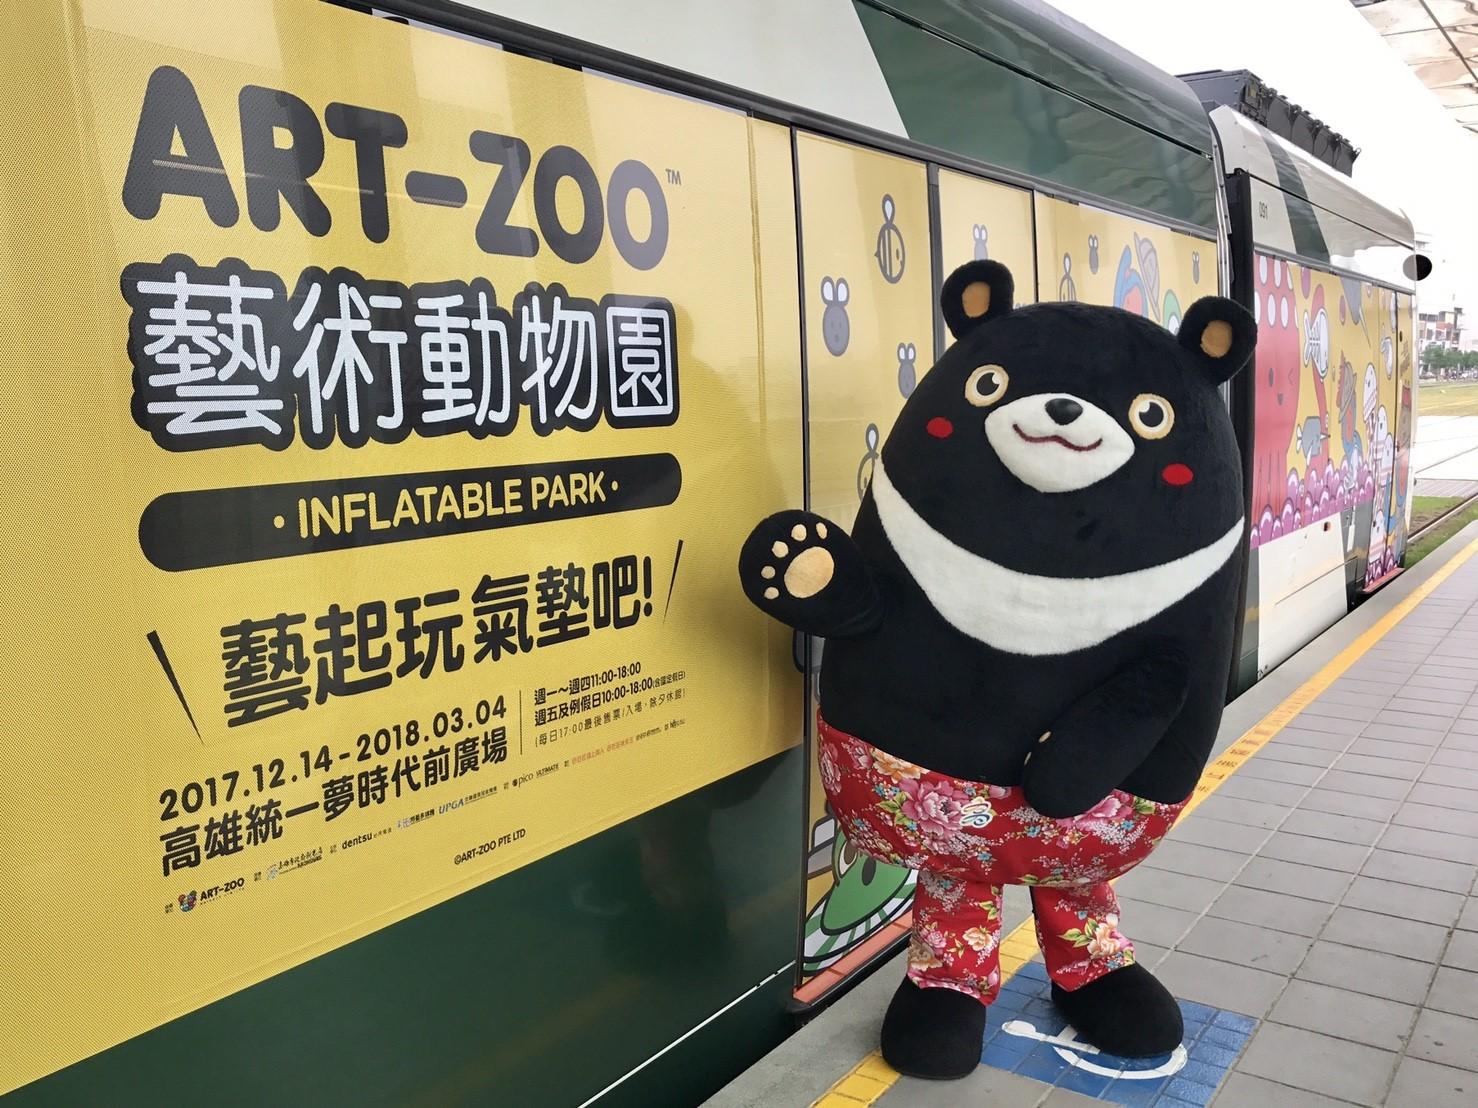 高捷限定「Art-Zoo藝術動物園」彩繪列車  合照送好禮